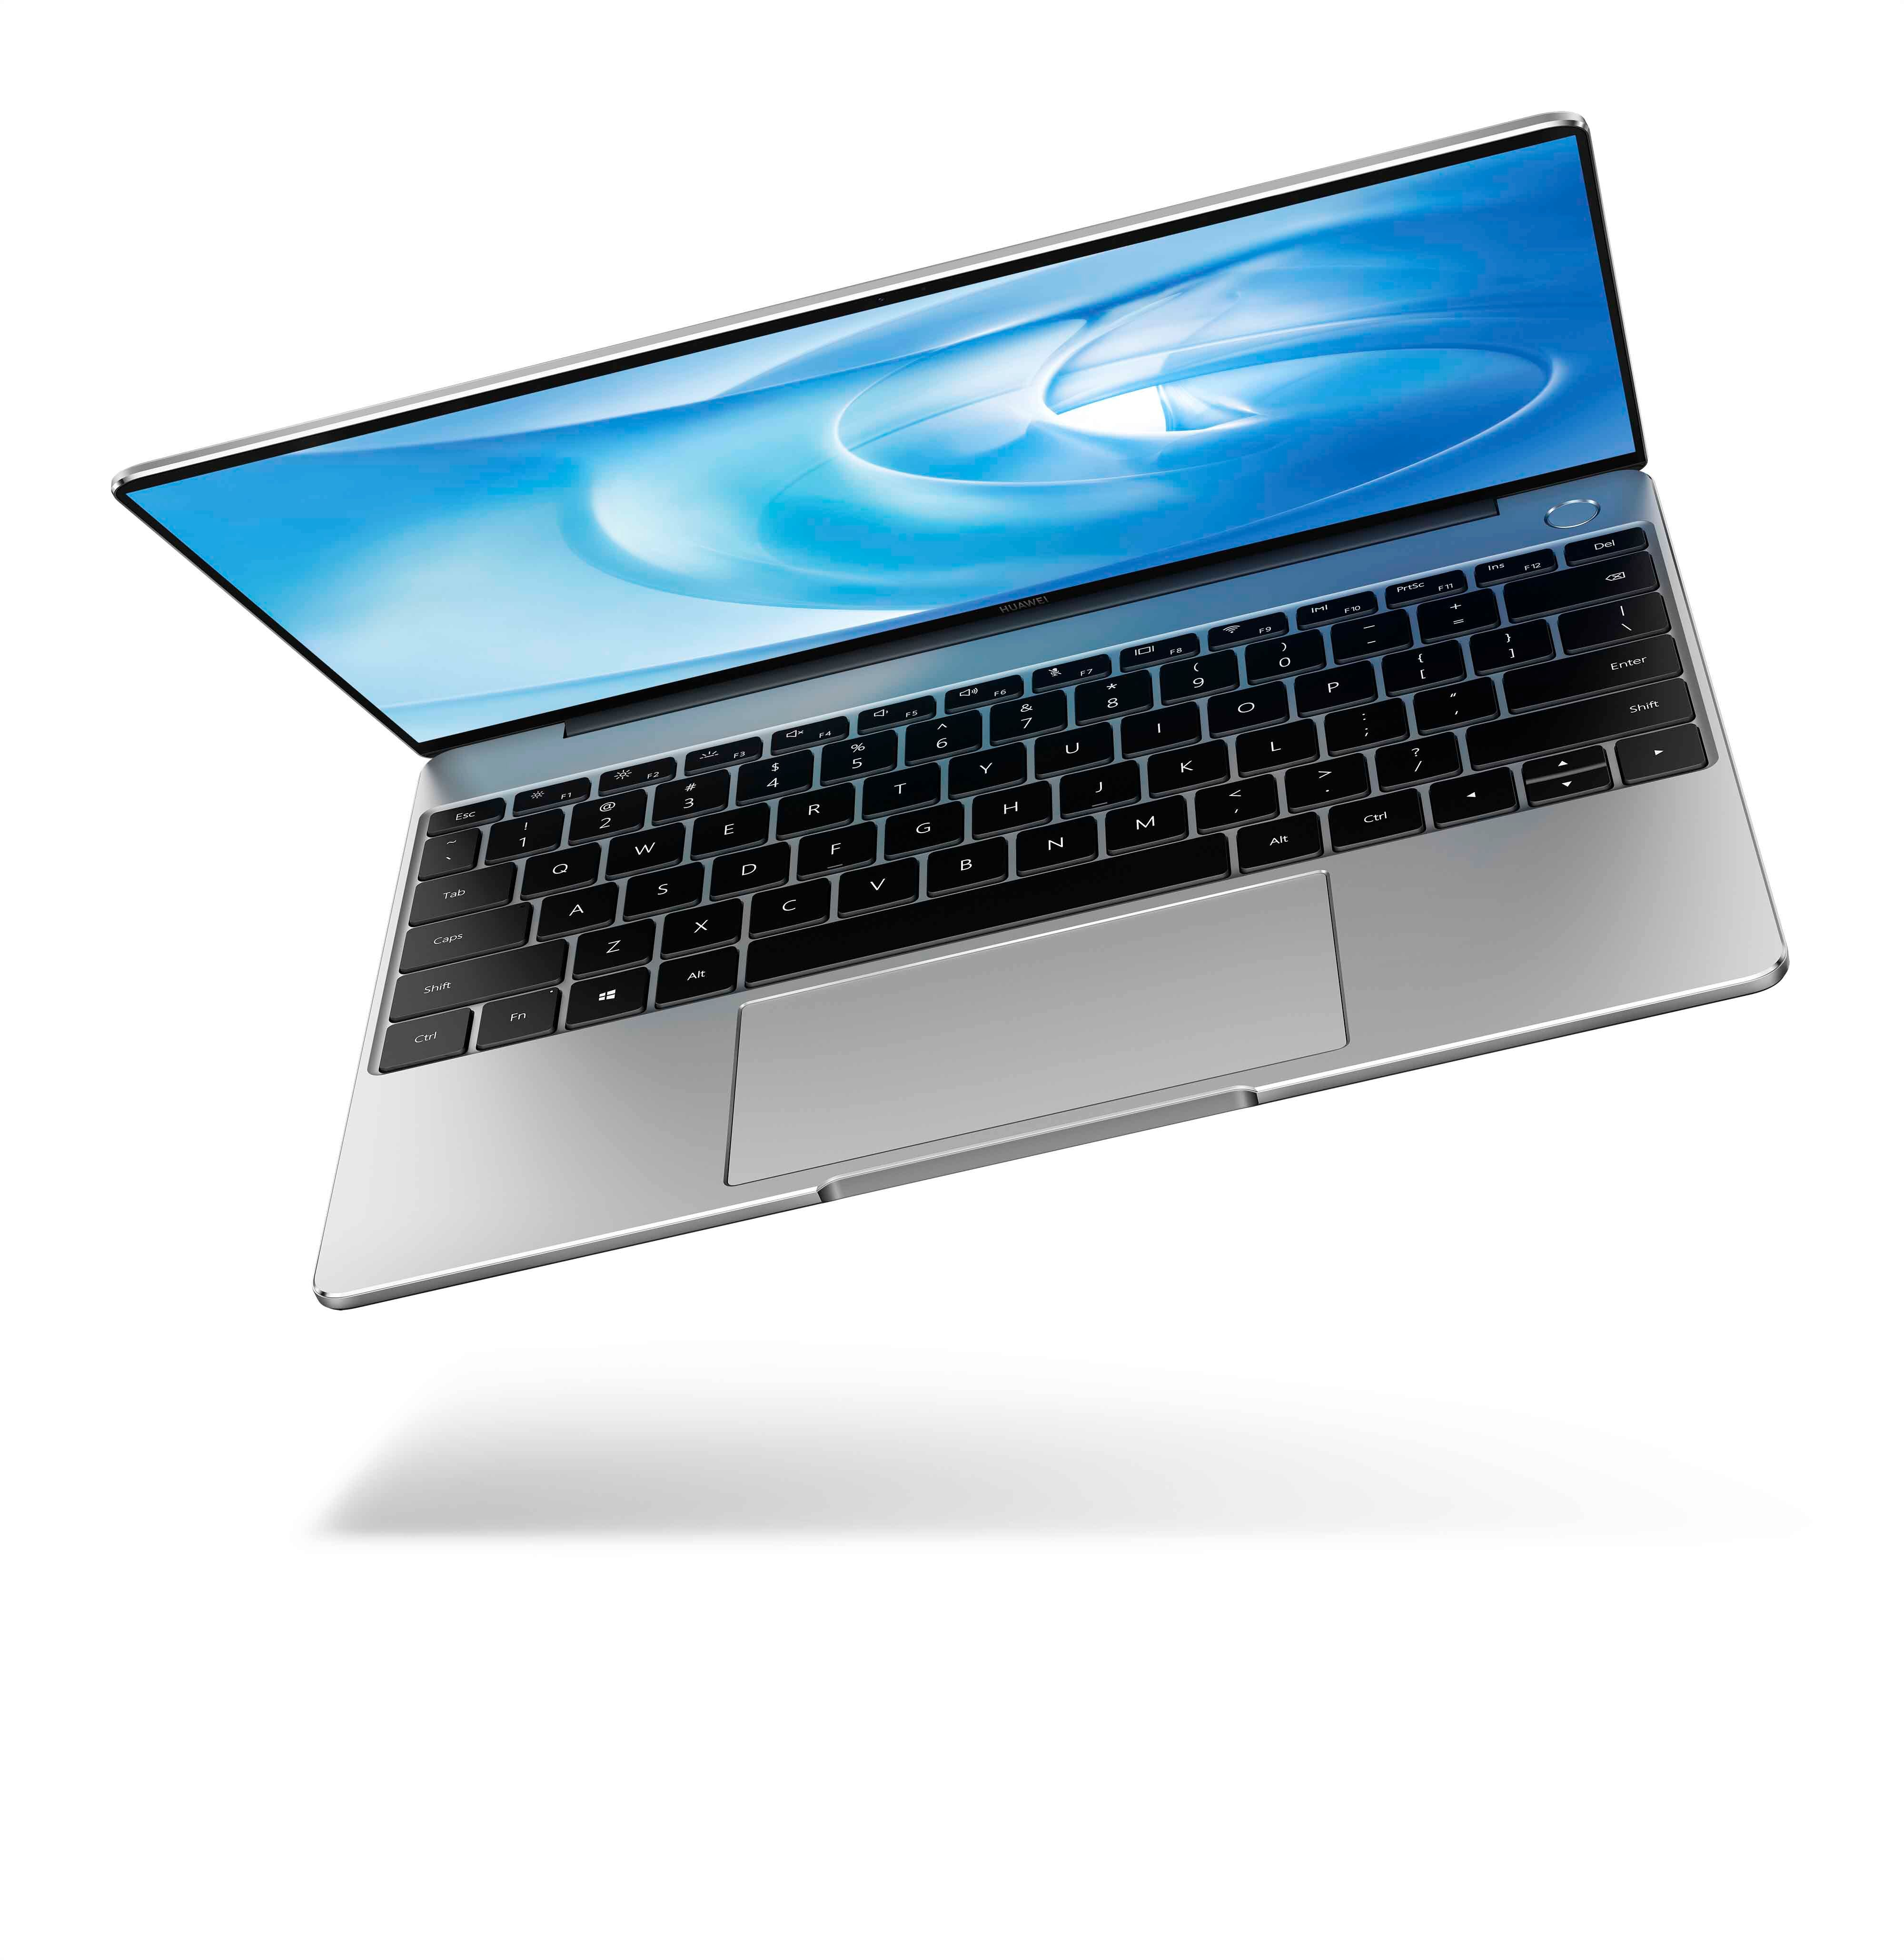 هواوي ترتقي بقطاع الحواسيب وتطرح حاسوبها فائق النحافة HUAWEI MateBook 13